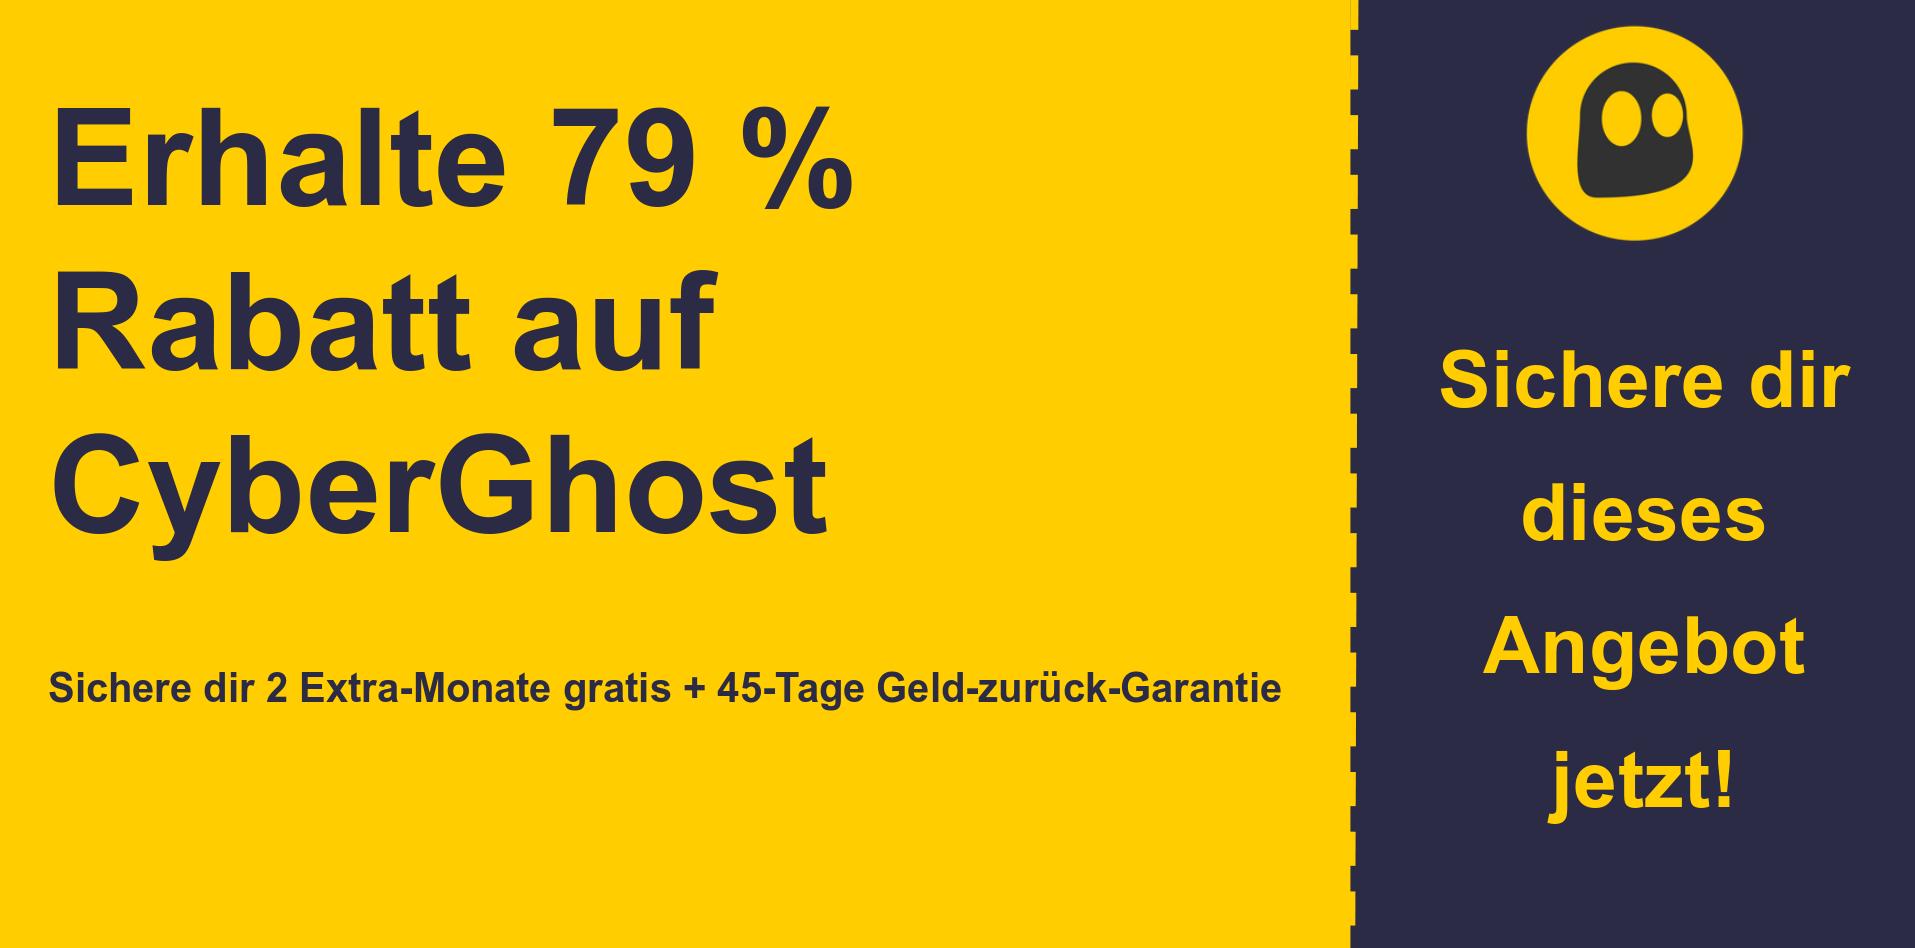 Grafik des CyberGhostVPN-Hauptcoupon-Banners mit 79% Rabatt